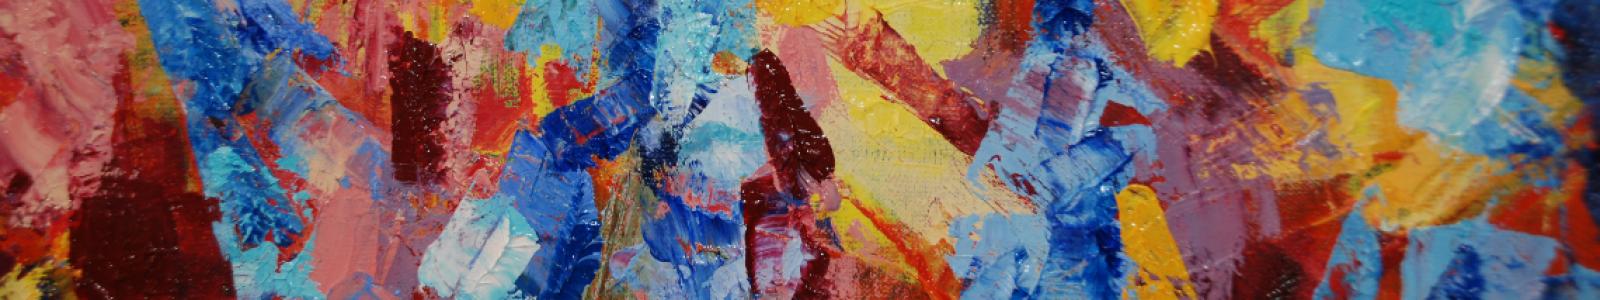 Gallery Painter Elena Cherevatenko